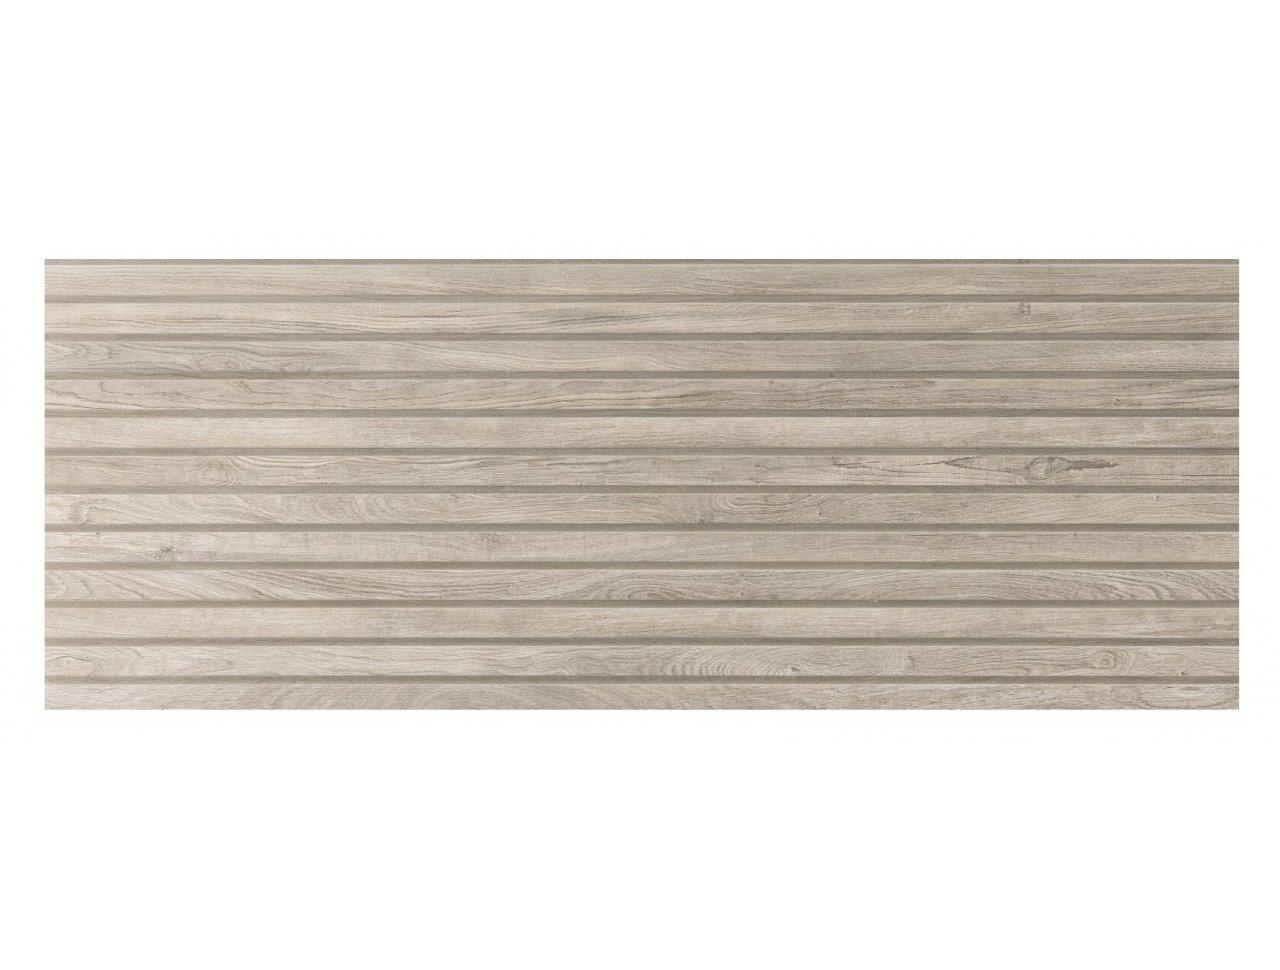 Керамическая плитка PORCELANOSA Lexington Colonial 45x120